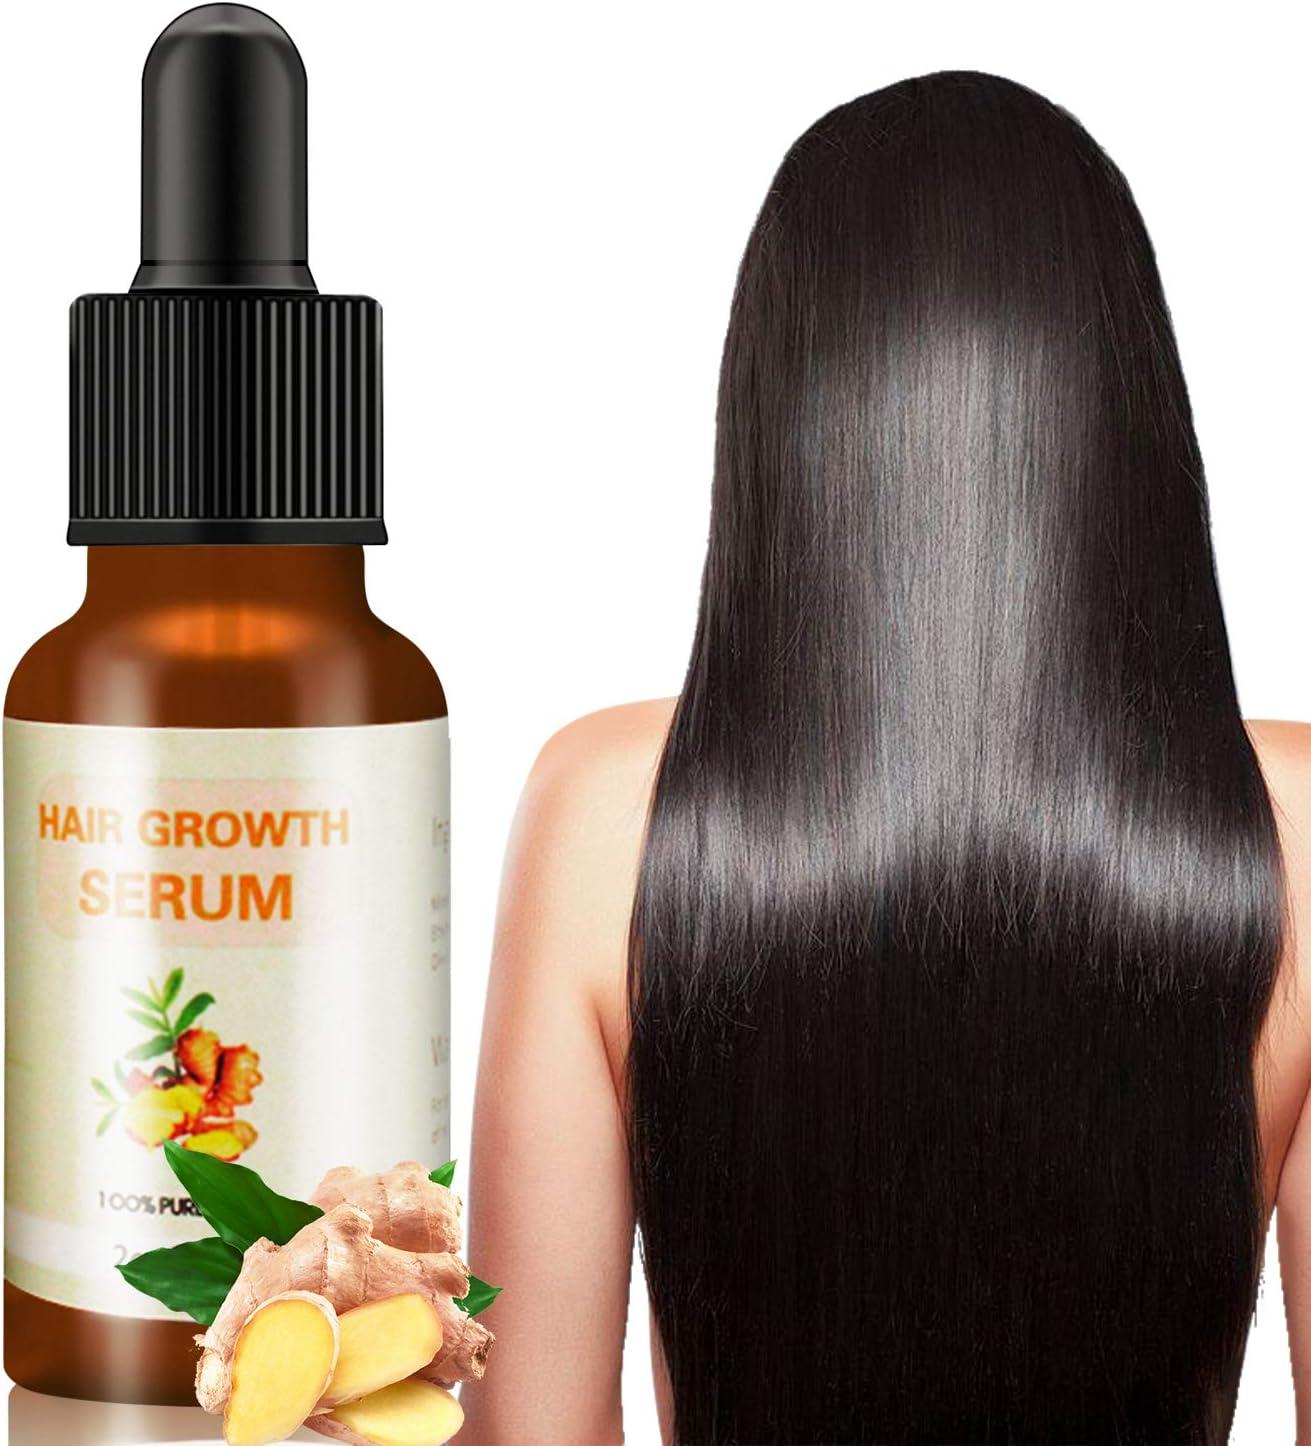 J TOHLO-60ml SerumCabello Anti Pérdida de Cabello para el crecimiento del cabello y fortalece los folículos esencia de hierbas naturales Estimula el Crecimiento Cabello para Hombres y Mujeres